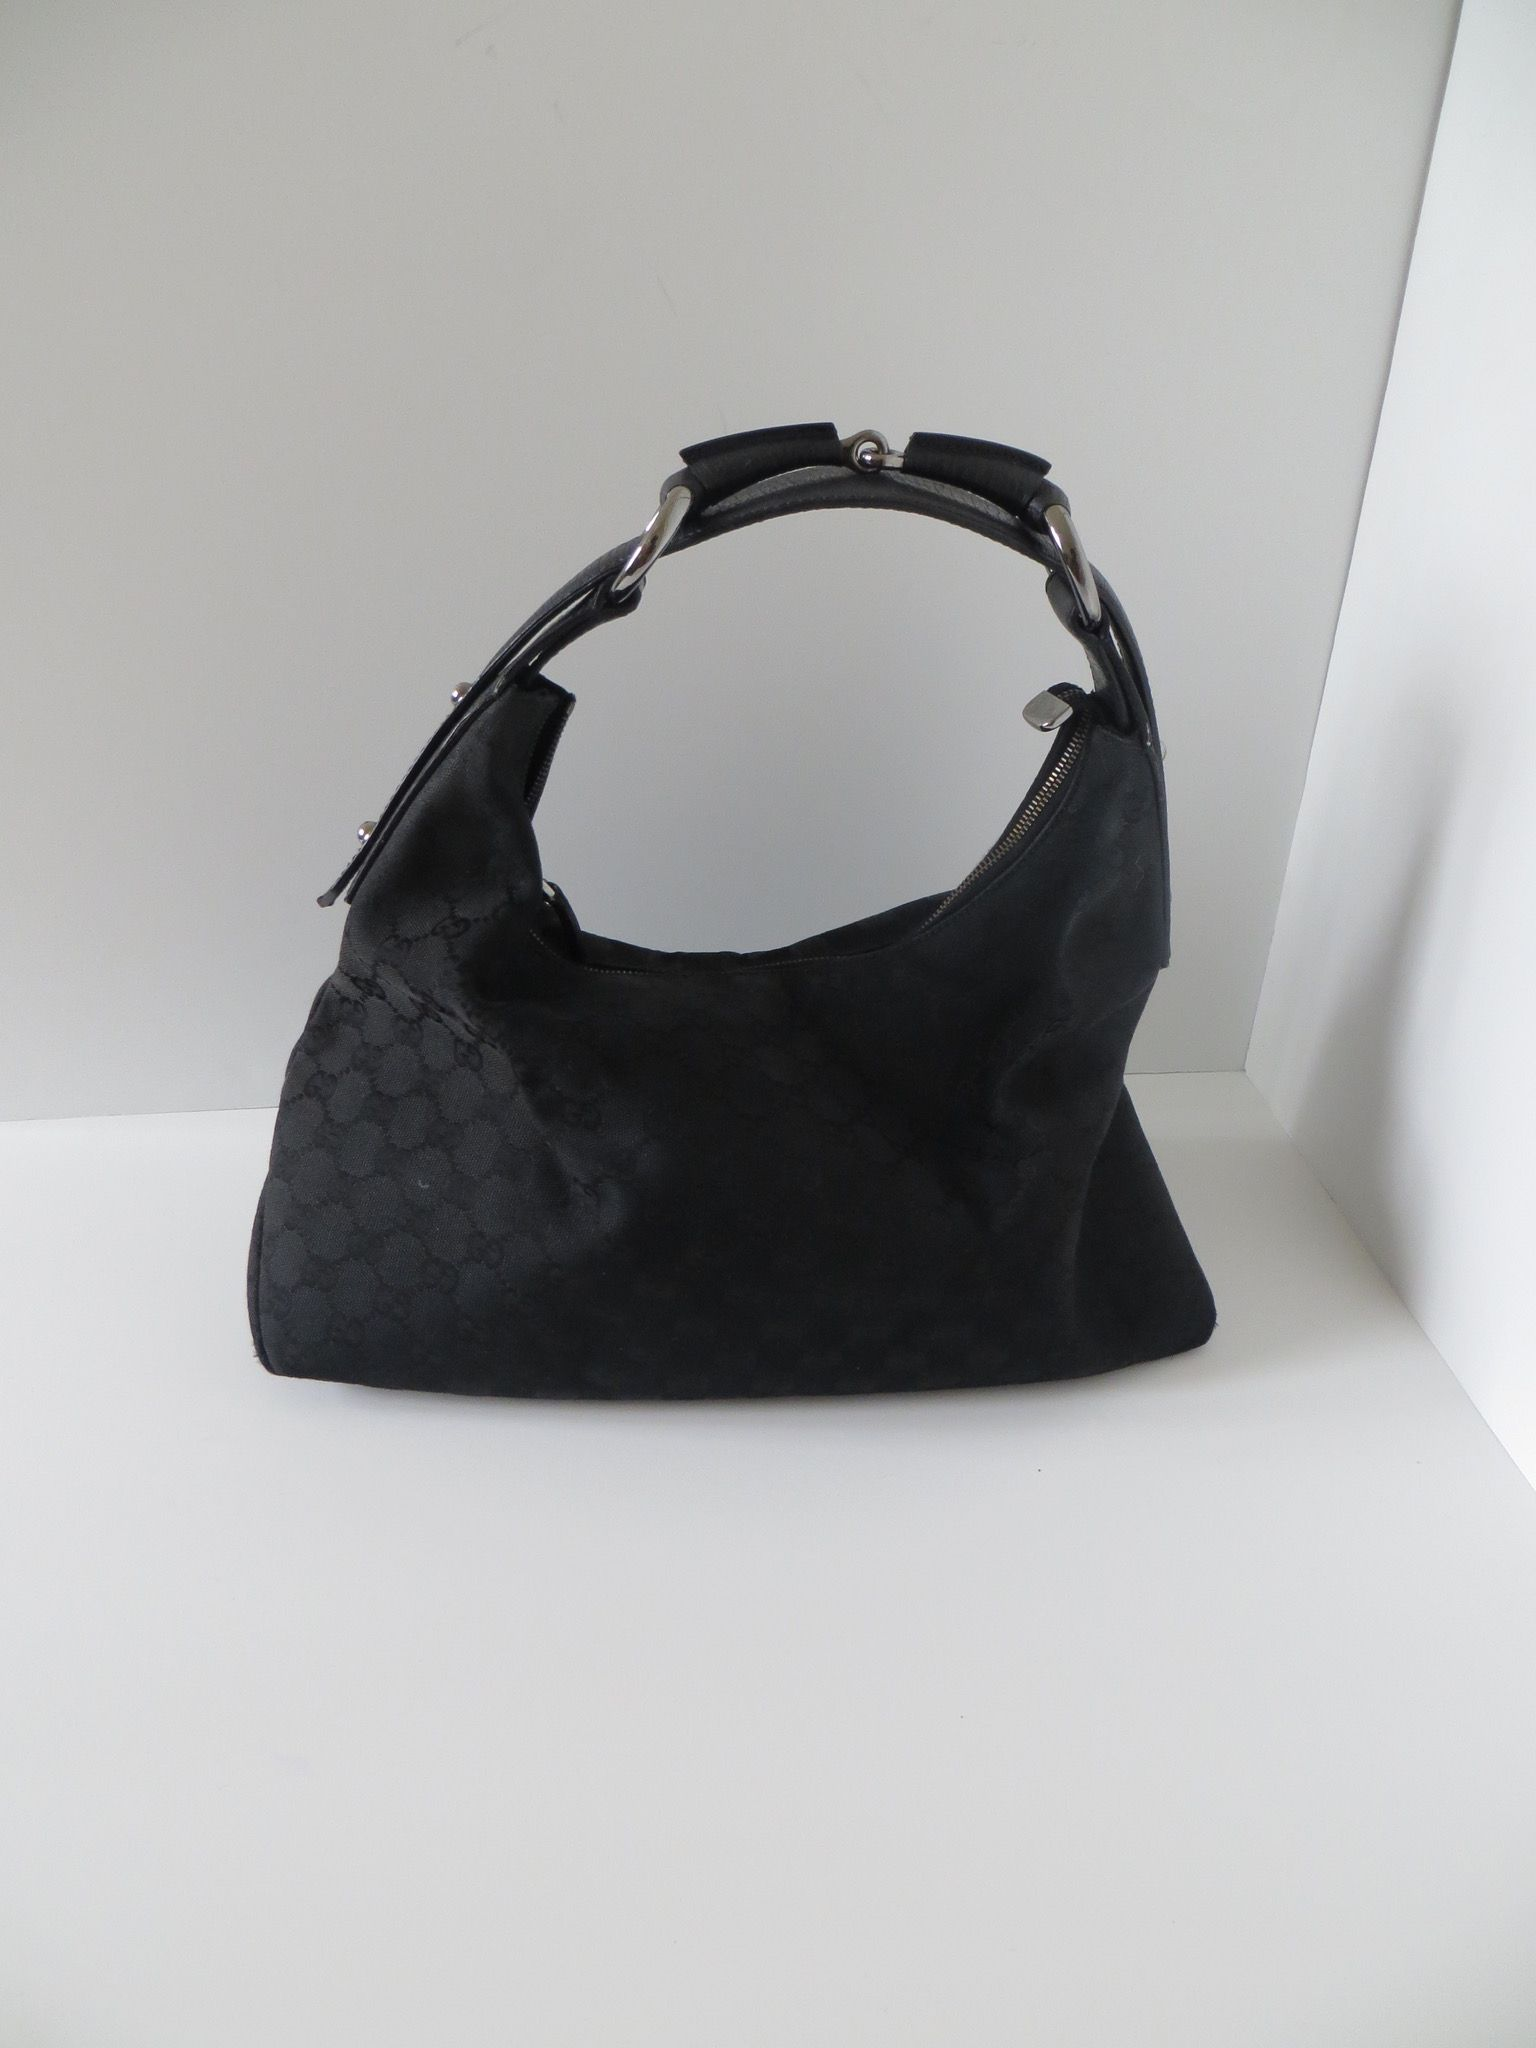 40e2e67cd65679 Gucci GG Canvas Medium Hobo with Horsebit Handle | Bags | Wooden ...